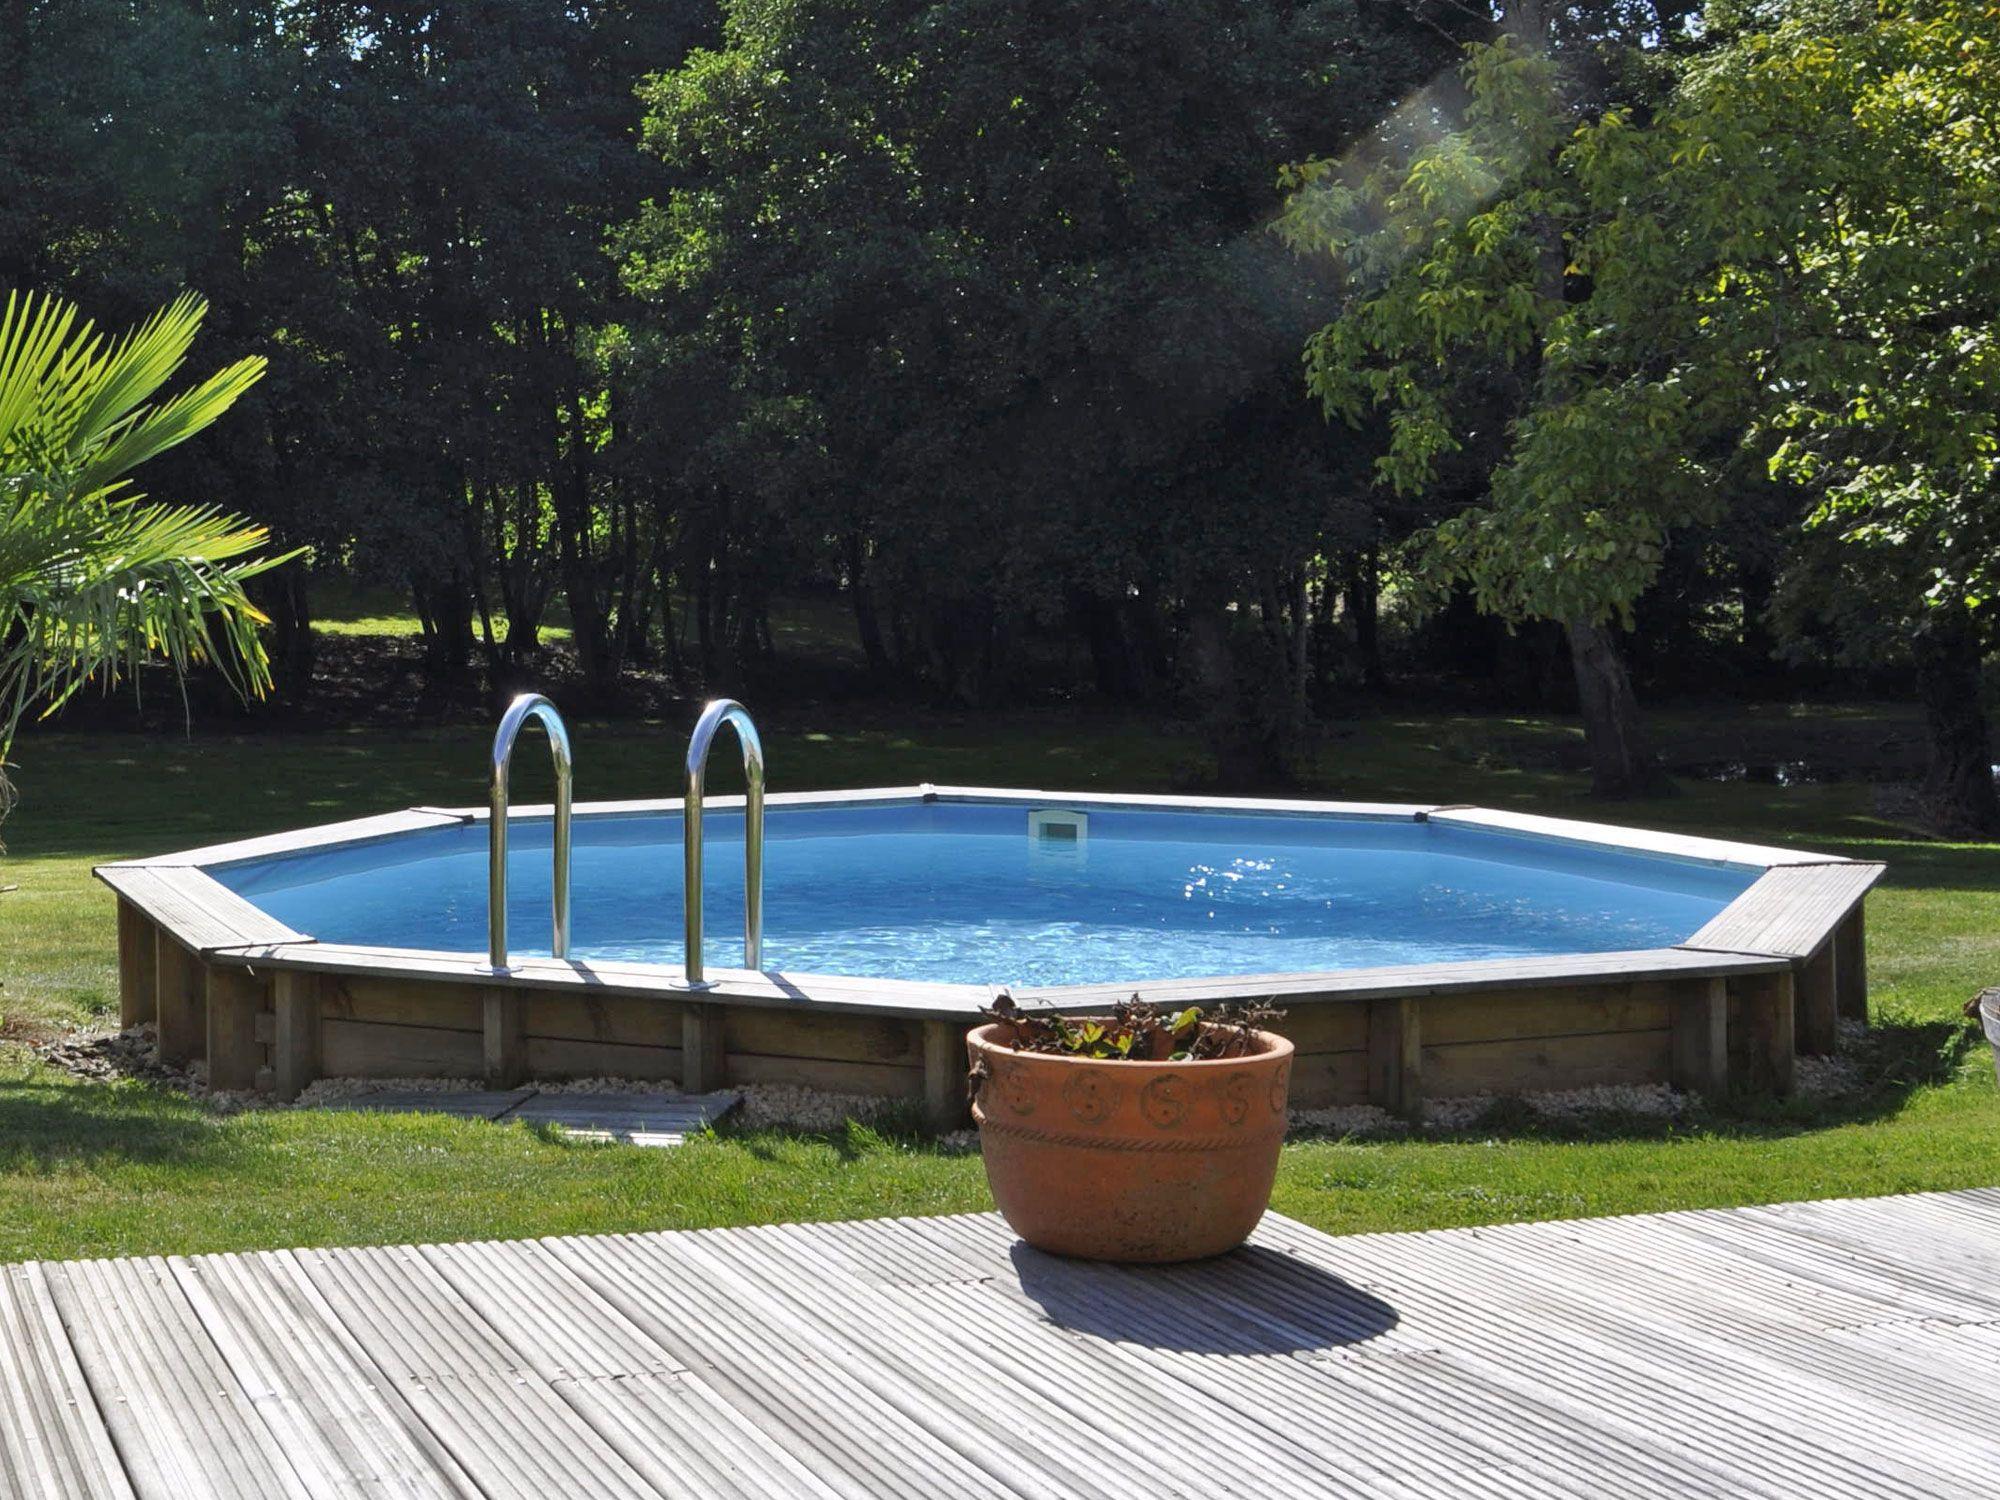 Piscine Hors Sol Bois Petite Dimension piscine bois alcira Ø 4,45 m x h. 1,33 m | piscine bois